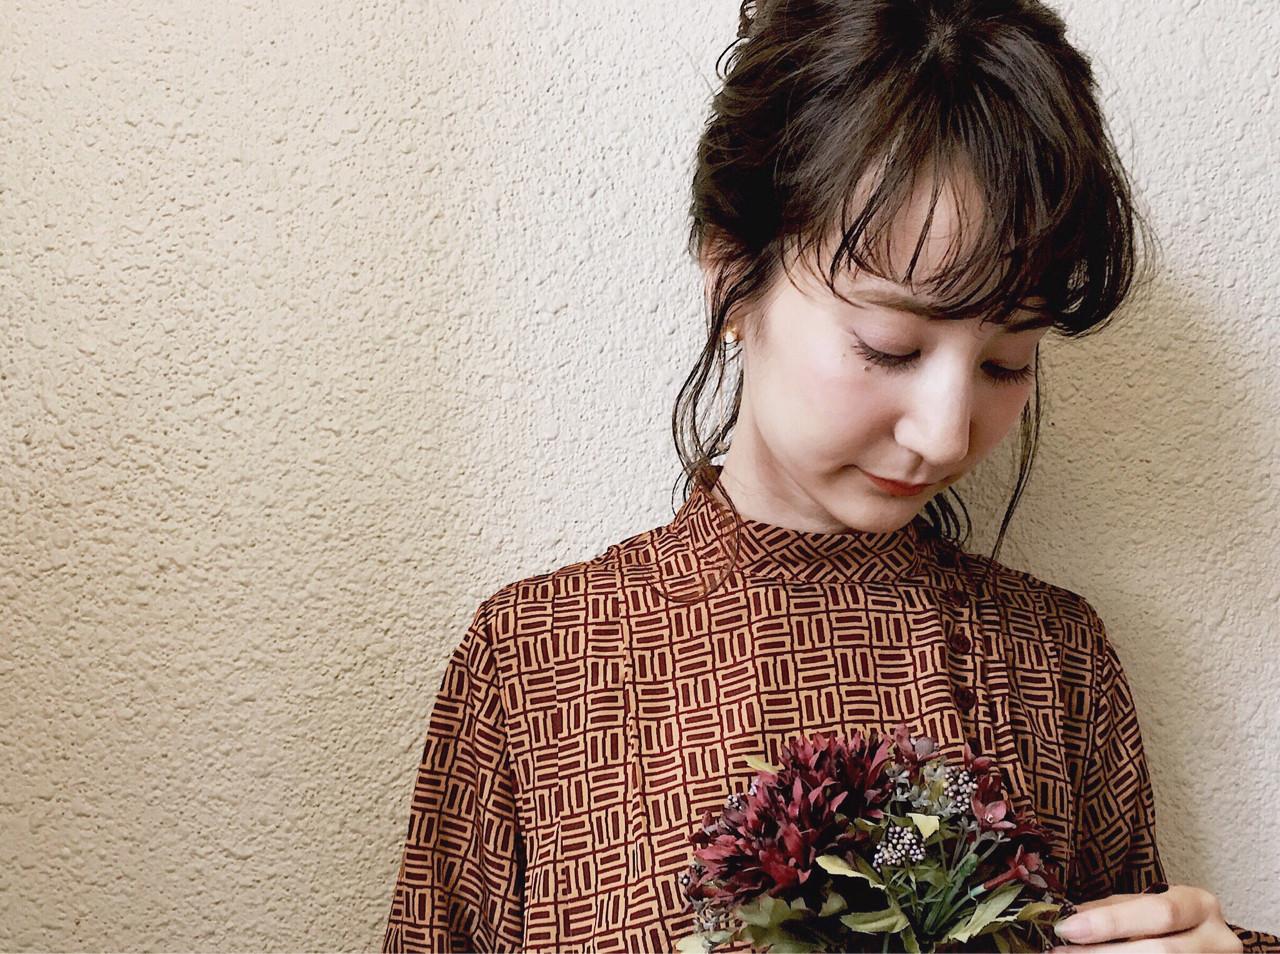 ミディアム ショート 簡単ヘアアレンジ 大人女子 ヘアスタイルや髪型の写真・画像